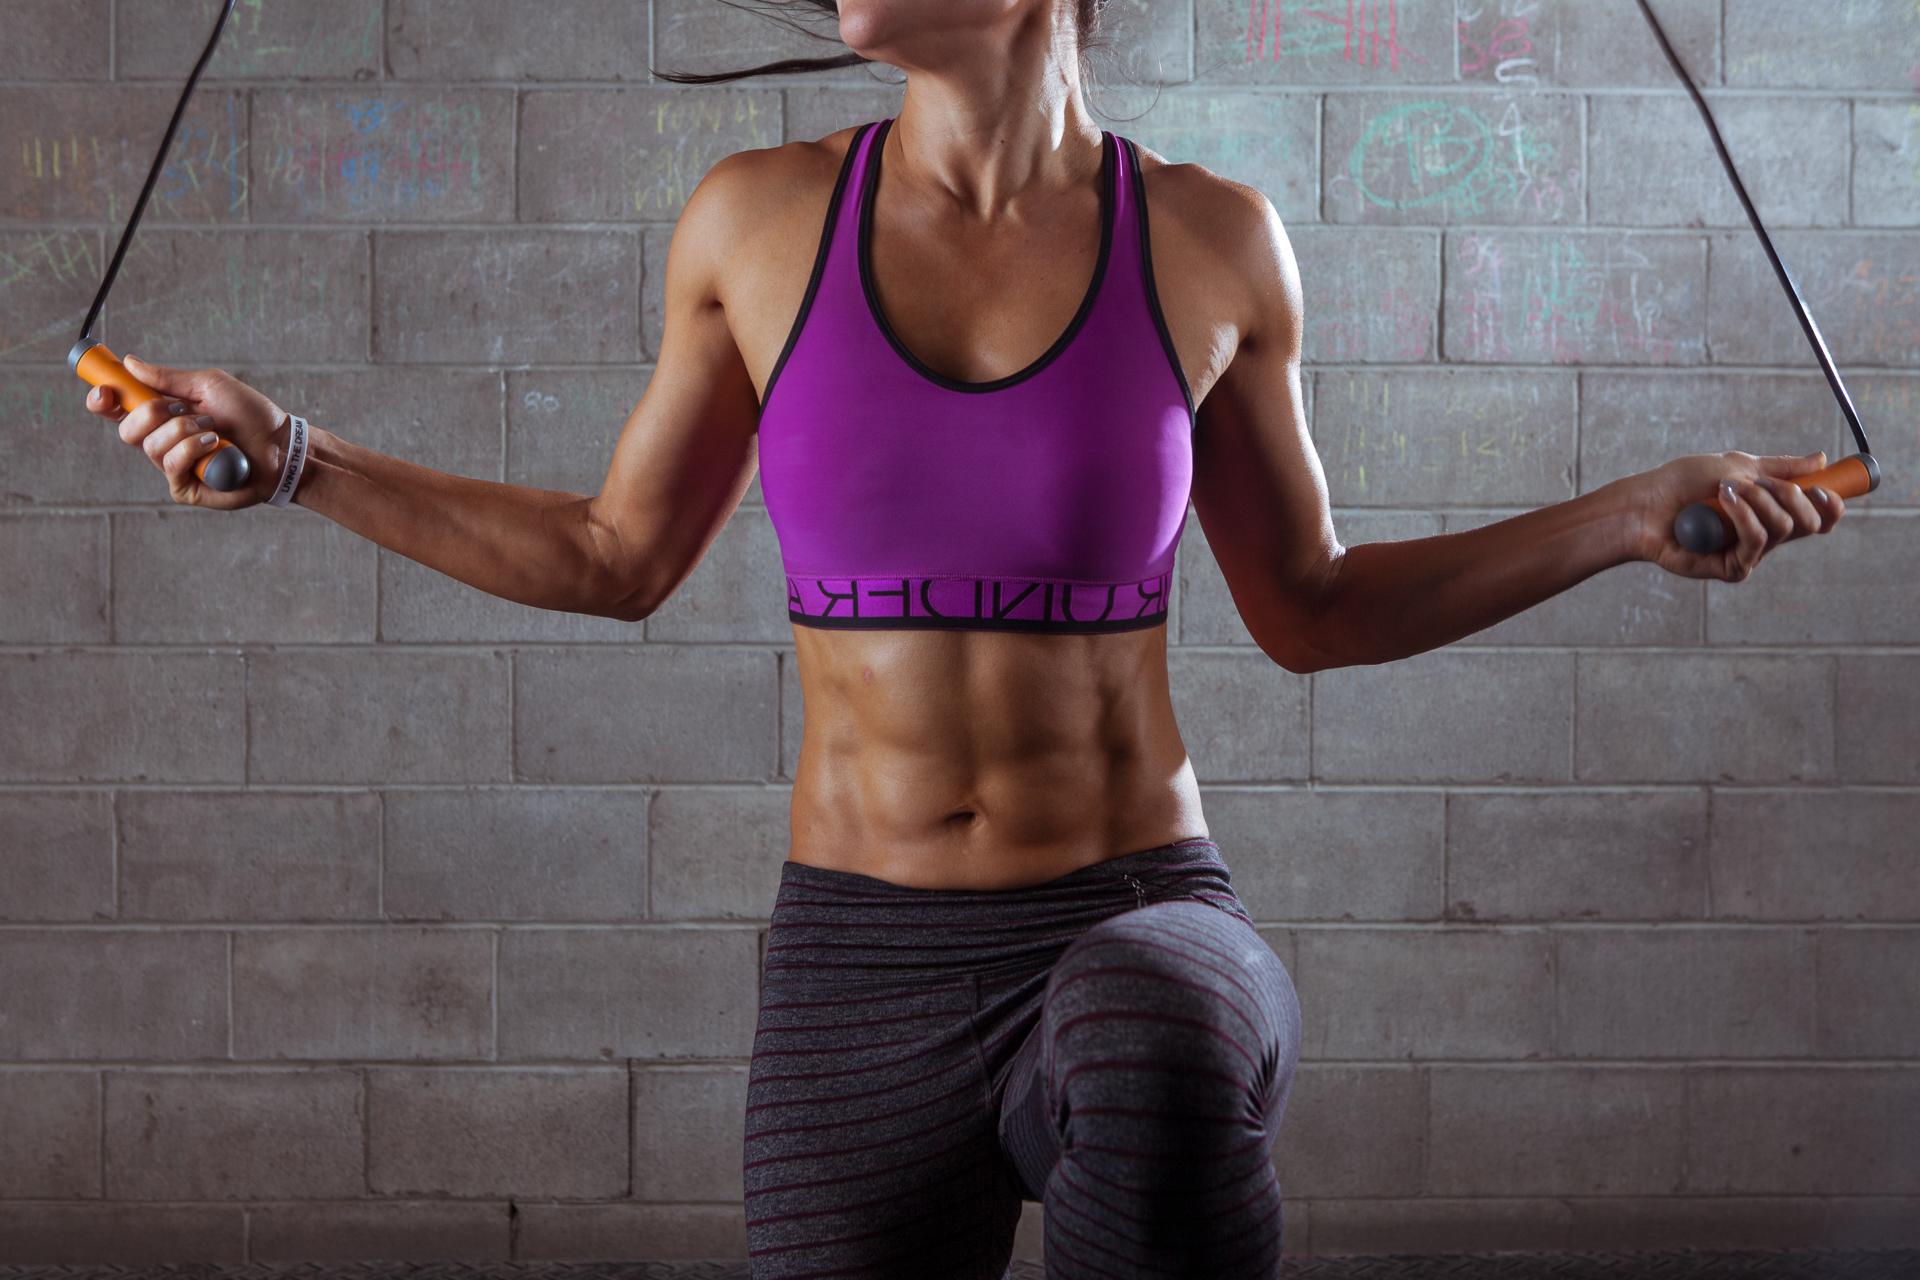 DM_Edith-fitness_12November2015-106.jpg